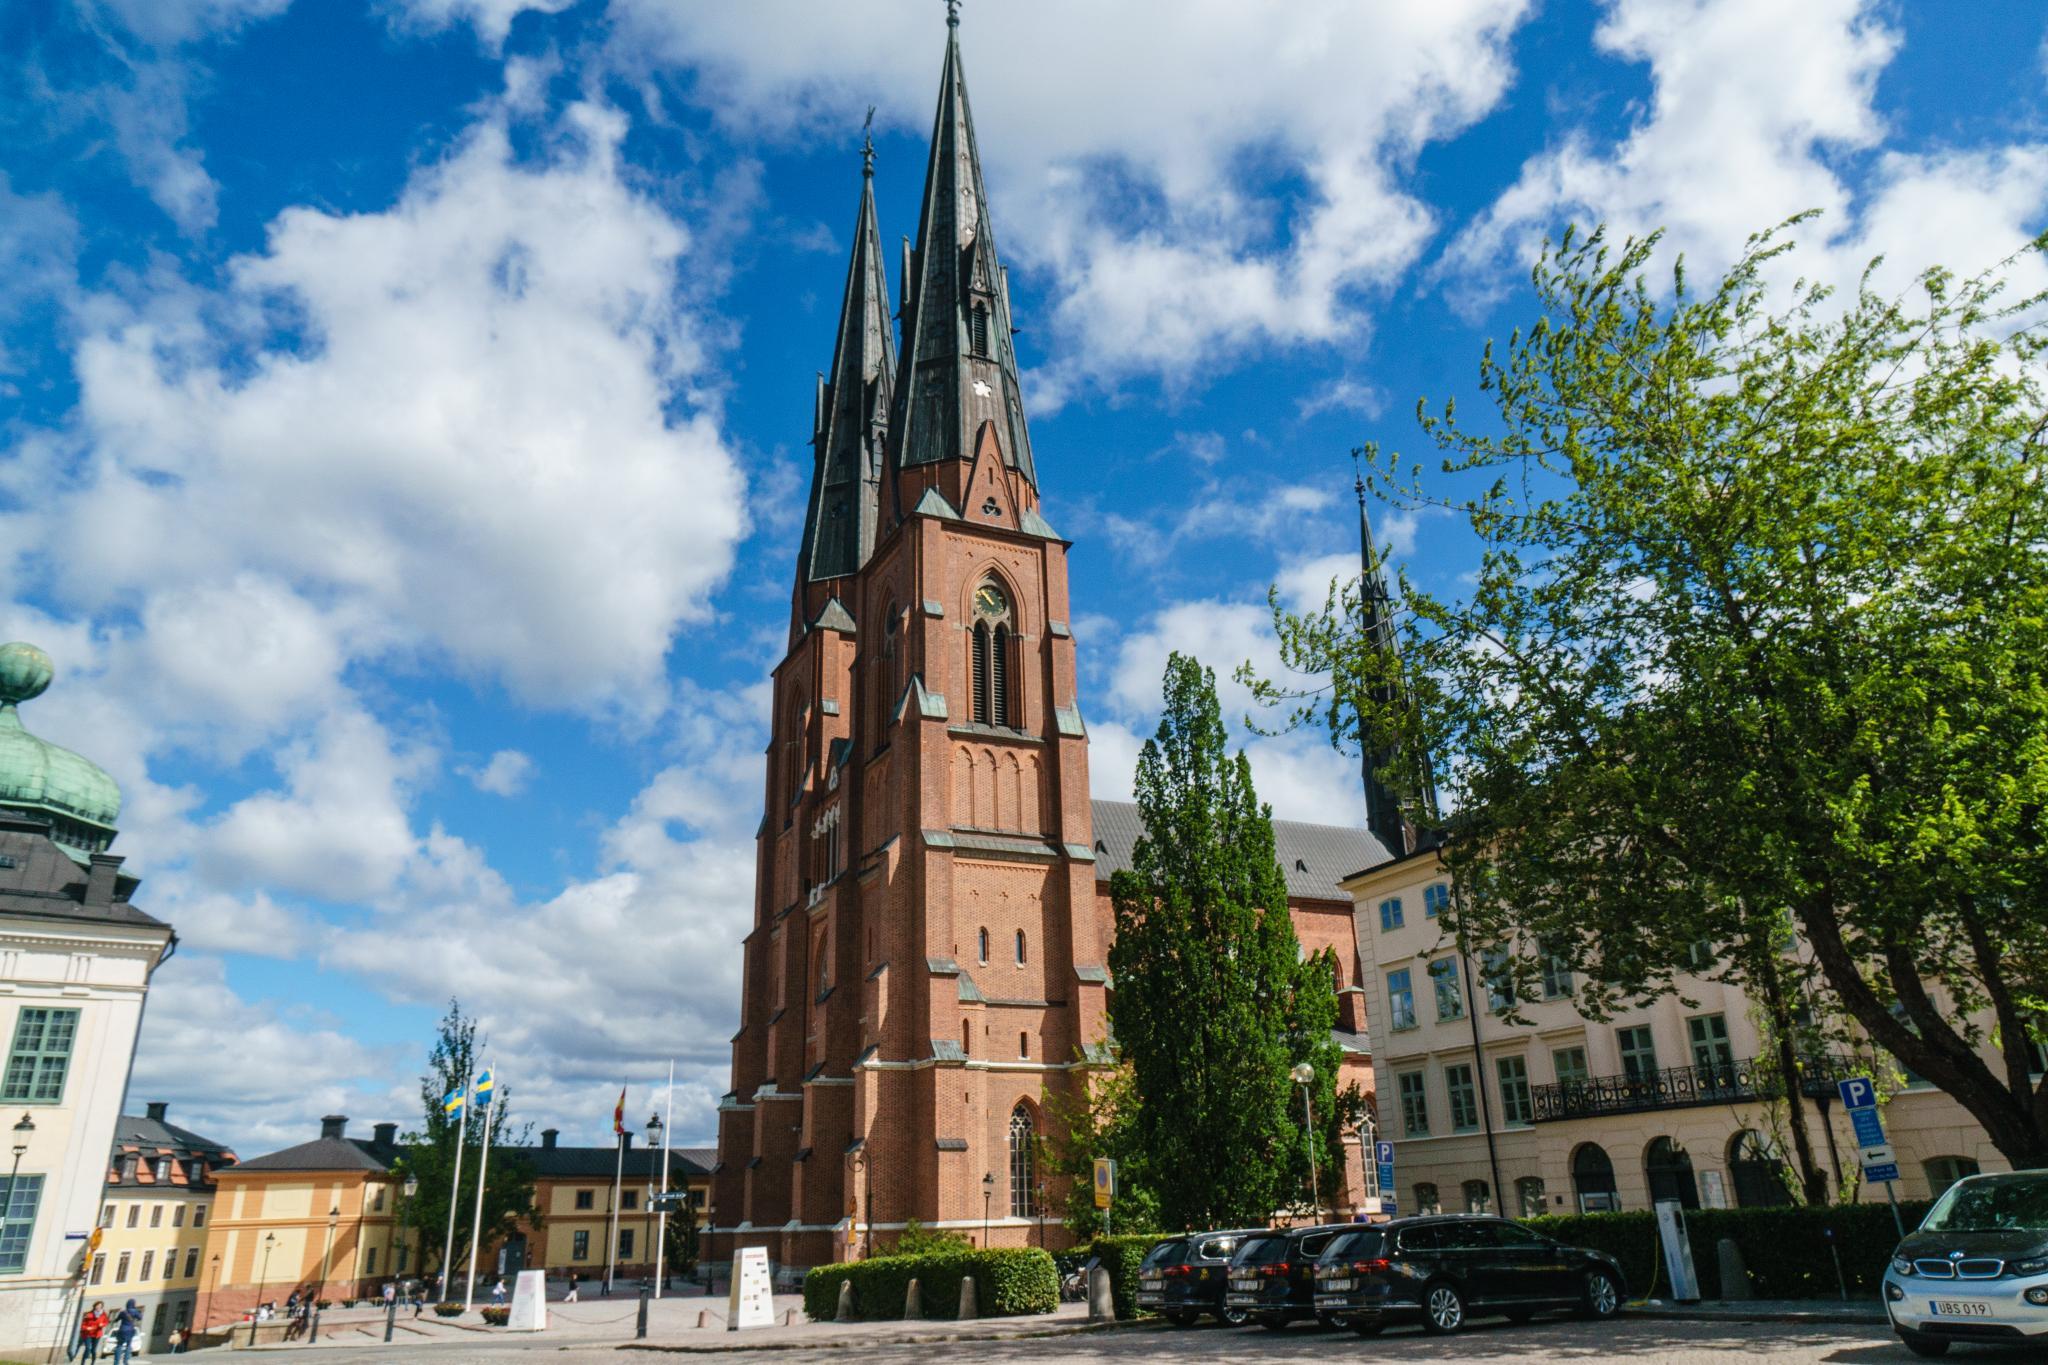 【北歐景點】瑞典的歷史縮影 — 老城烏普薩拉(Uppsala)的人文風景 25